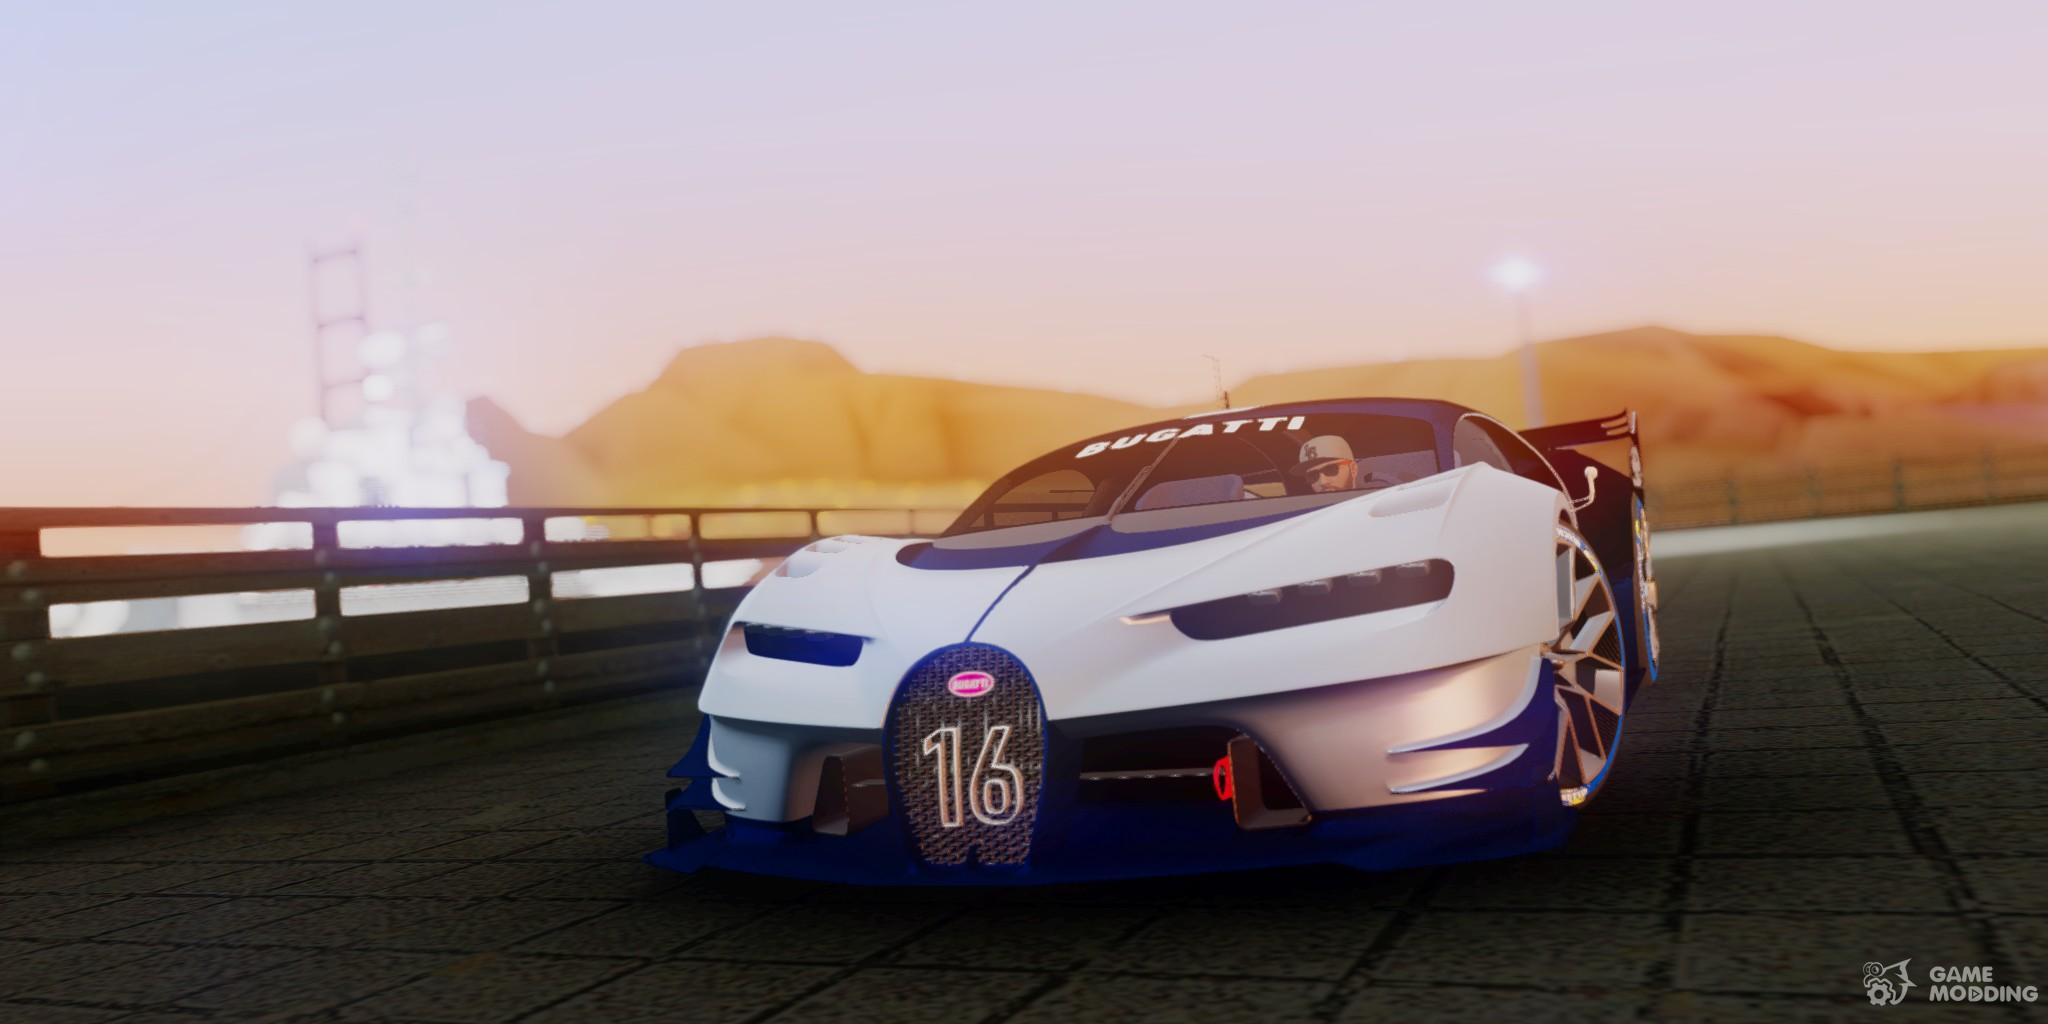 962b16480597d2eab92bdc7f9b28411b24447682c1afe8c1f6af803e1d79564b Terrific Bugatti Veyron Mod Gta Sa Cars Trend